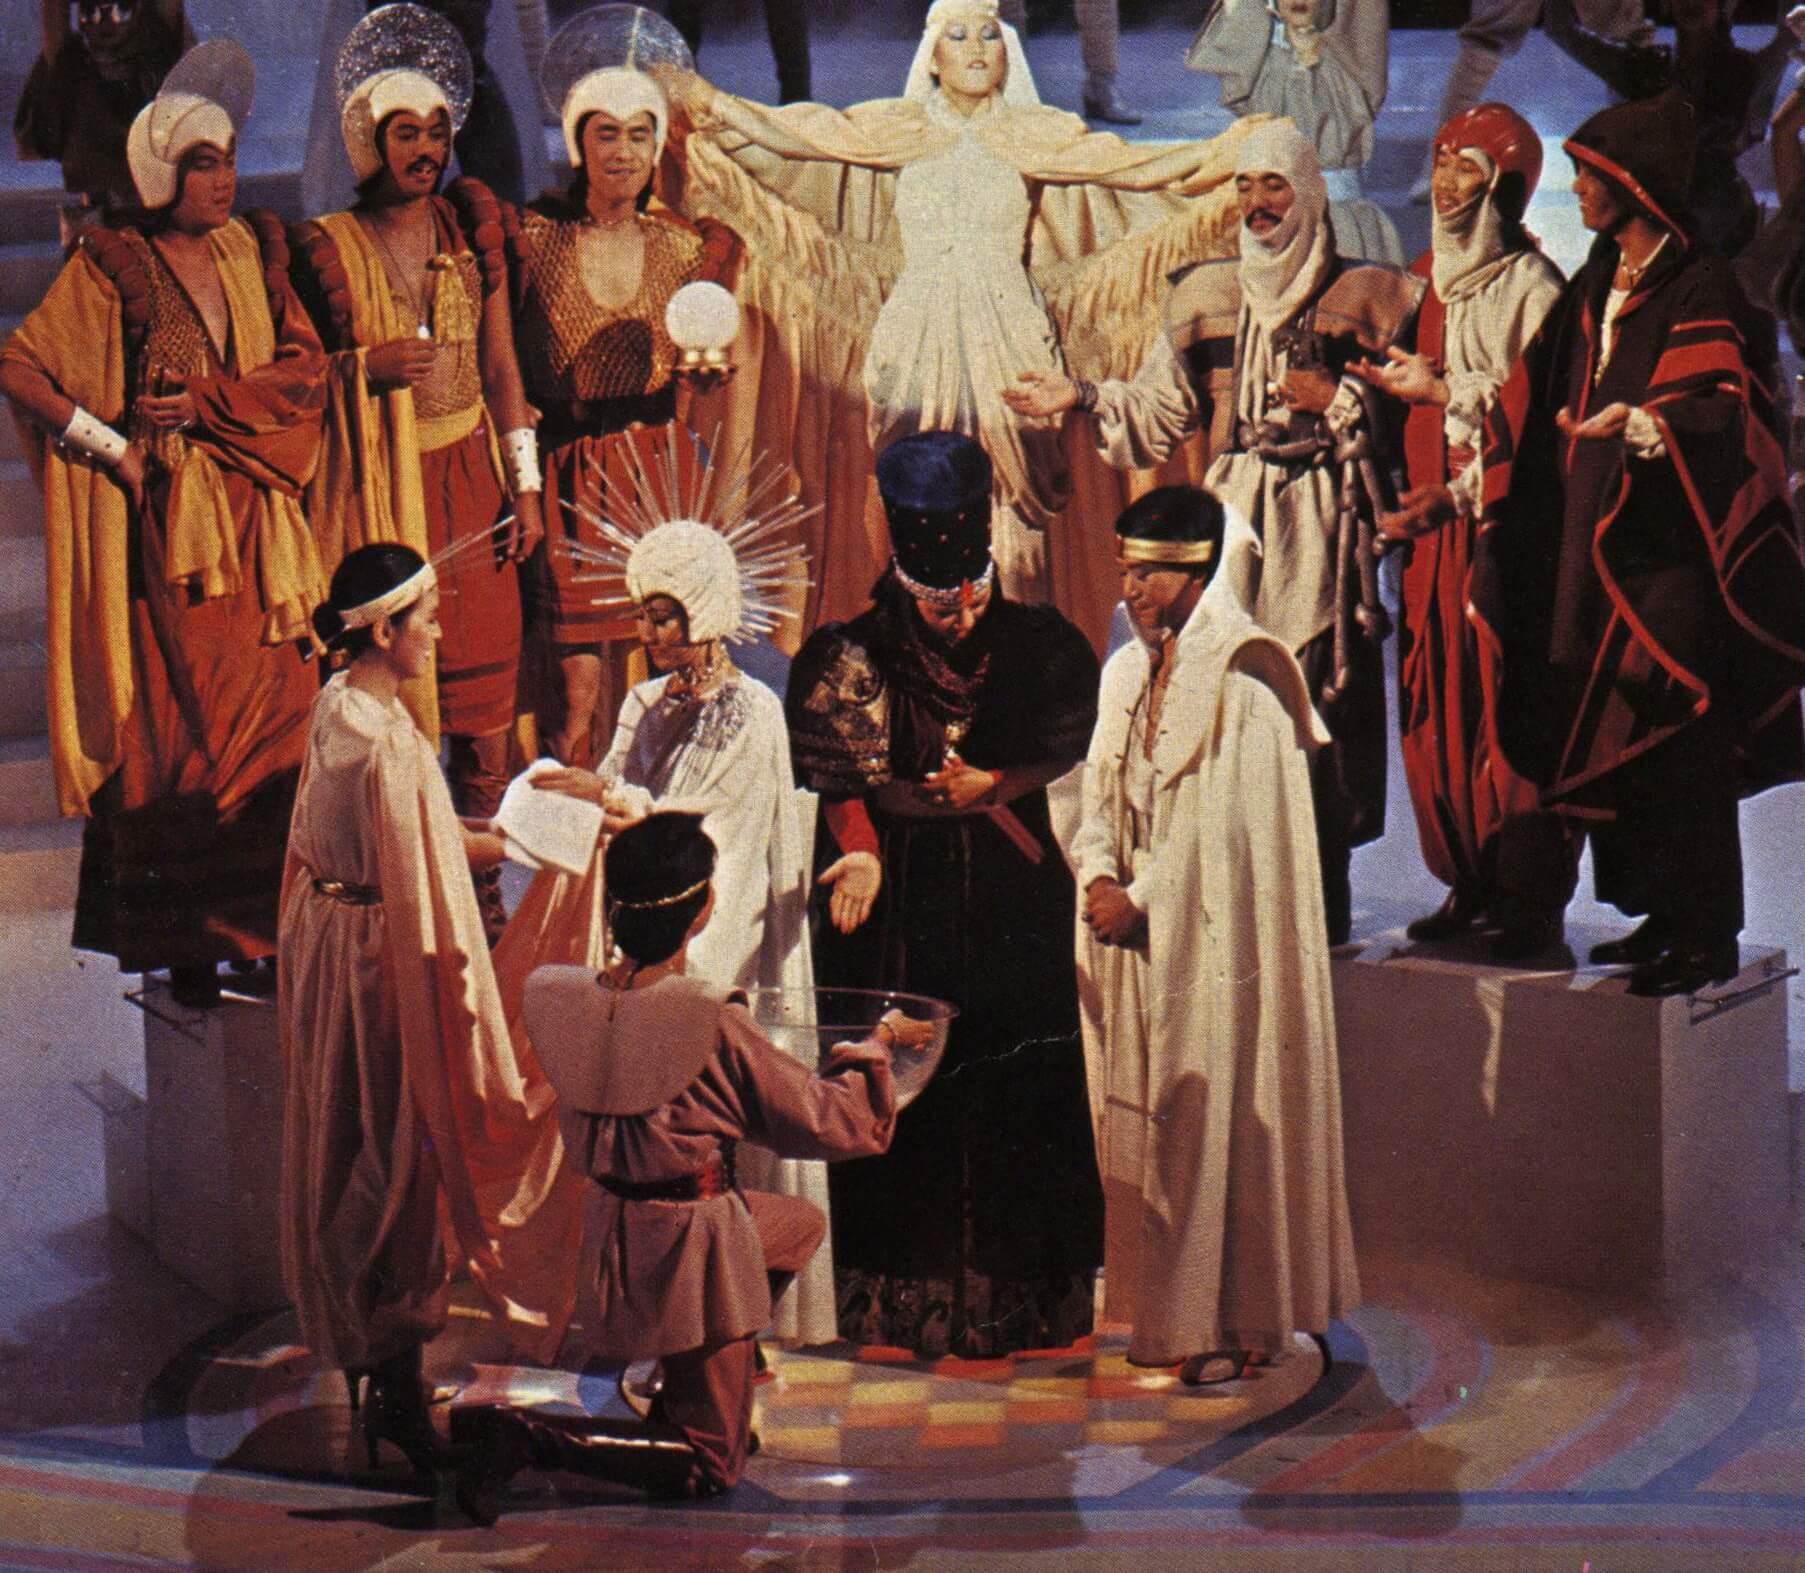 1978年葉麗儀、汪明荃、羅文、陳美玲、陳潔靈、葉振棠、繆騫人、賈思樂